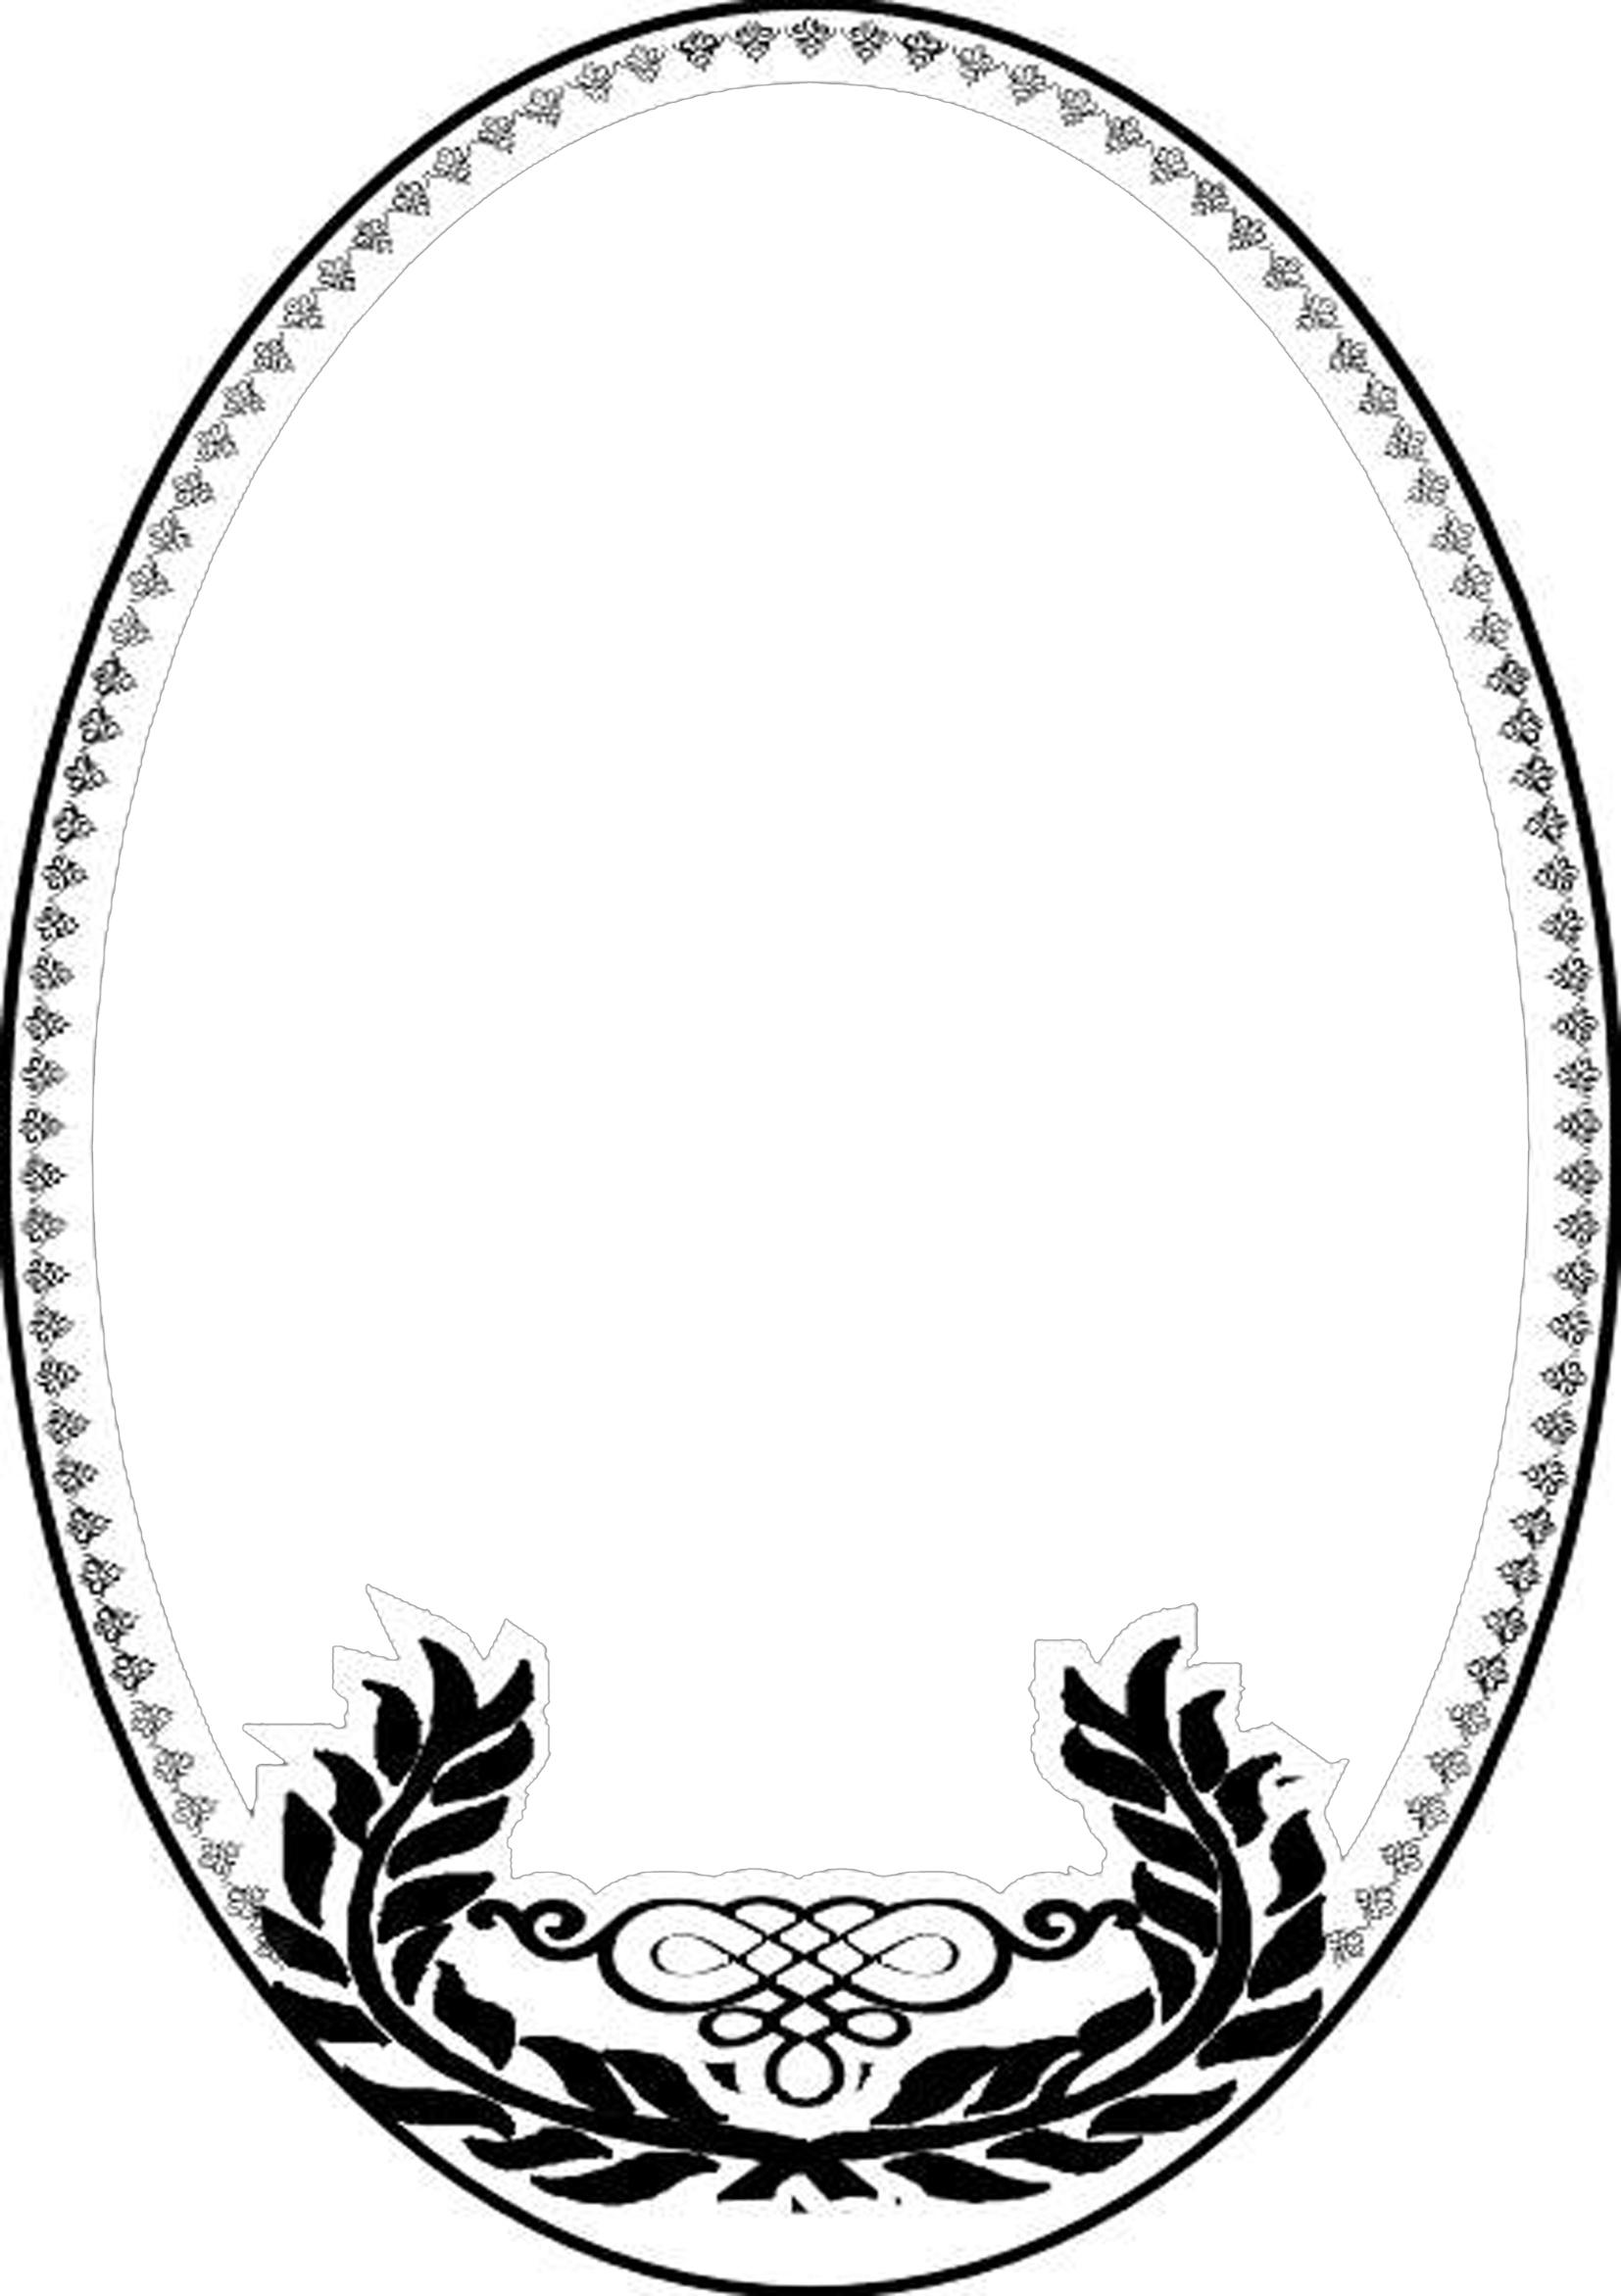 похоронные рамки для фото